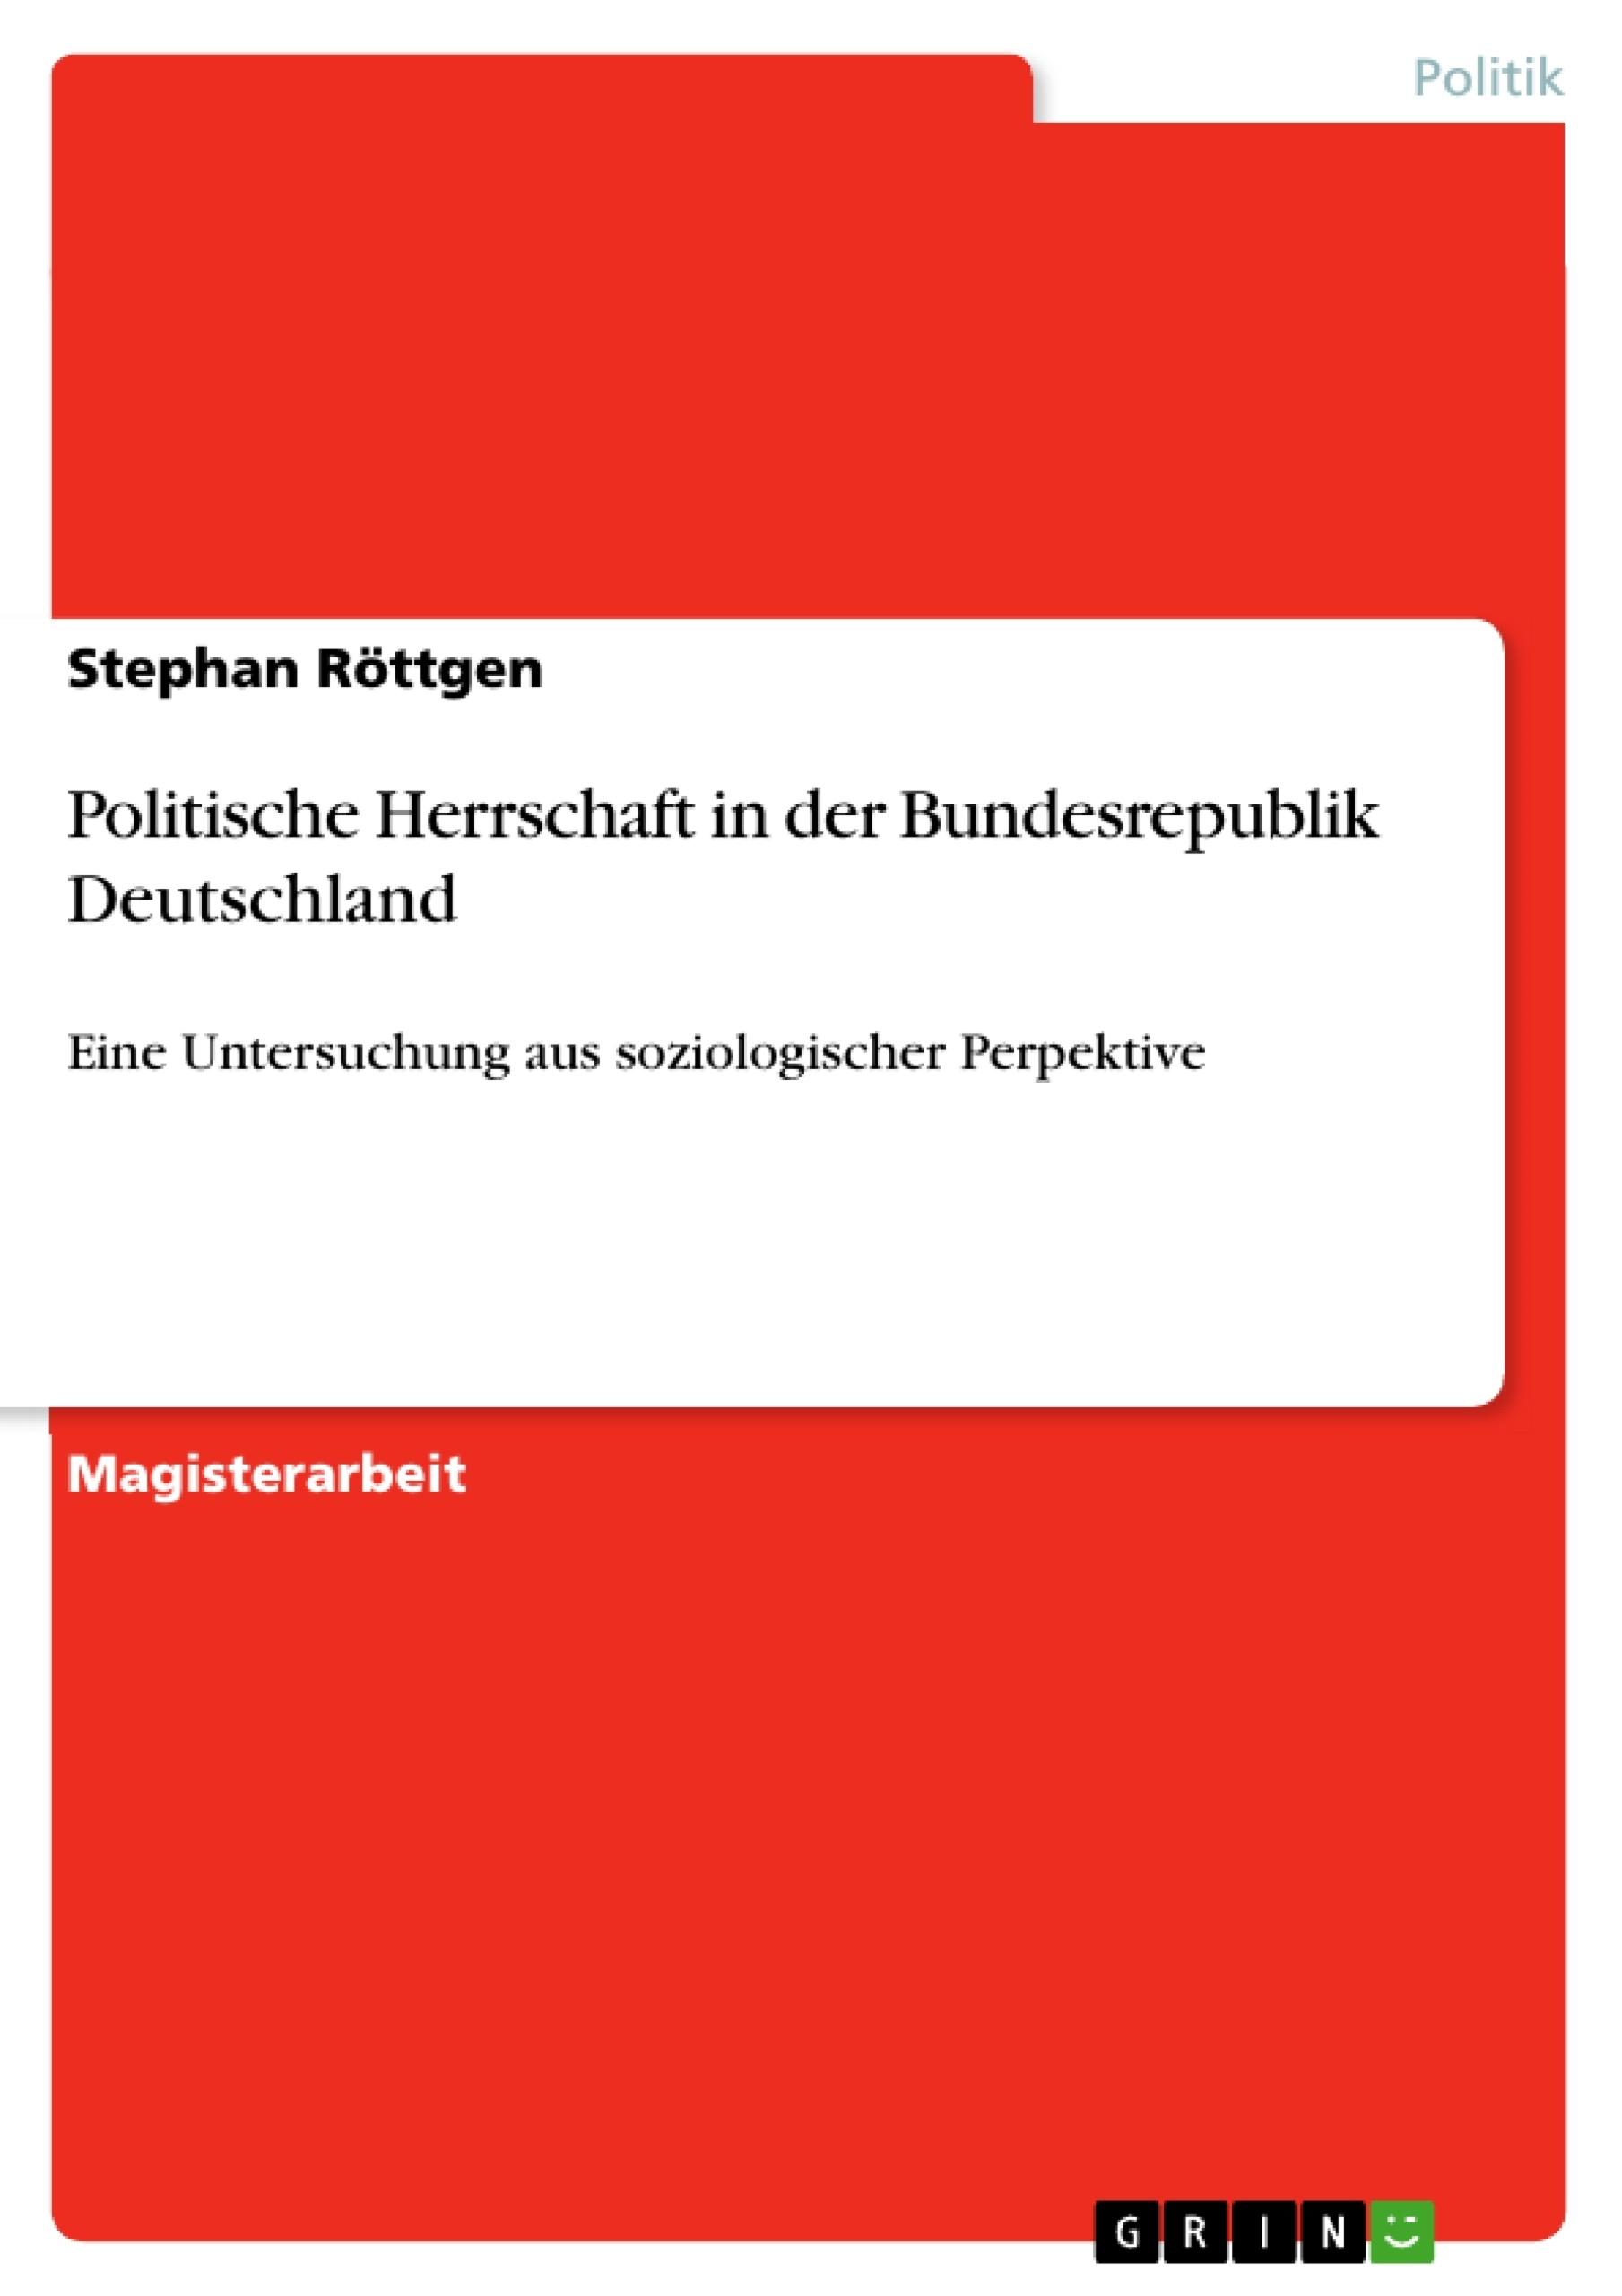 Titel: Politische Herrschaft in der Bundesrepublik Deutschland